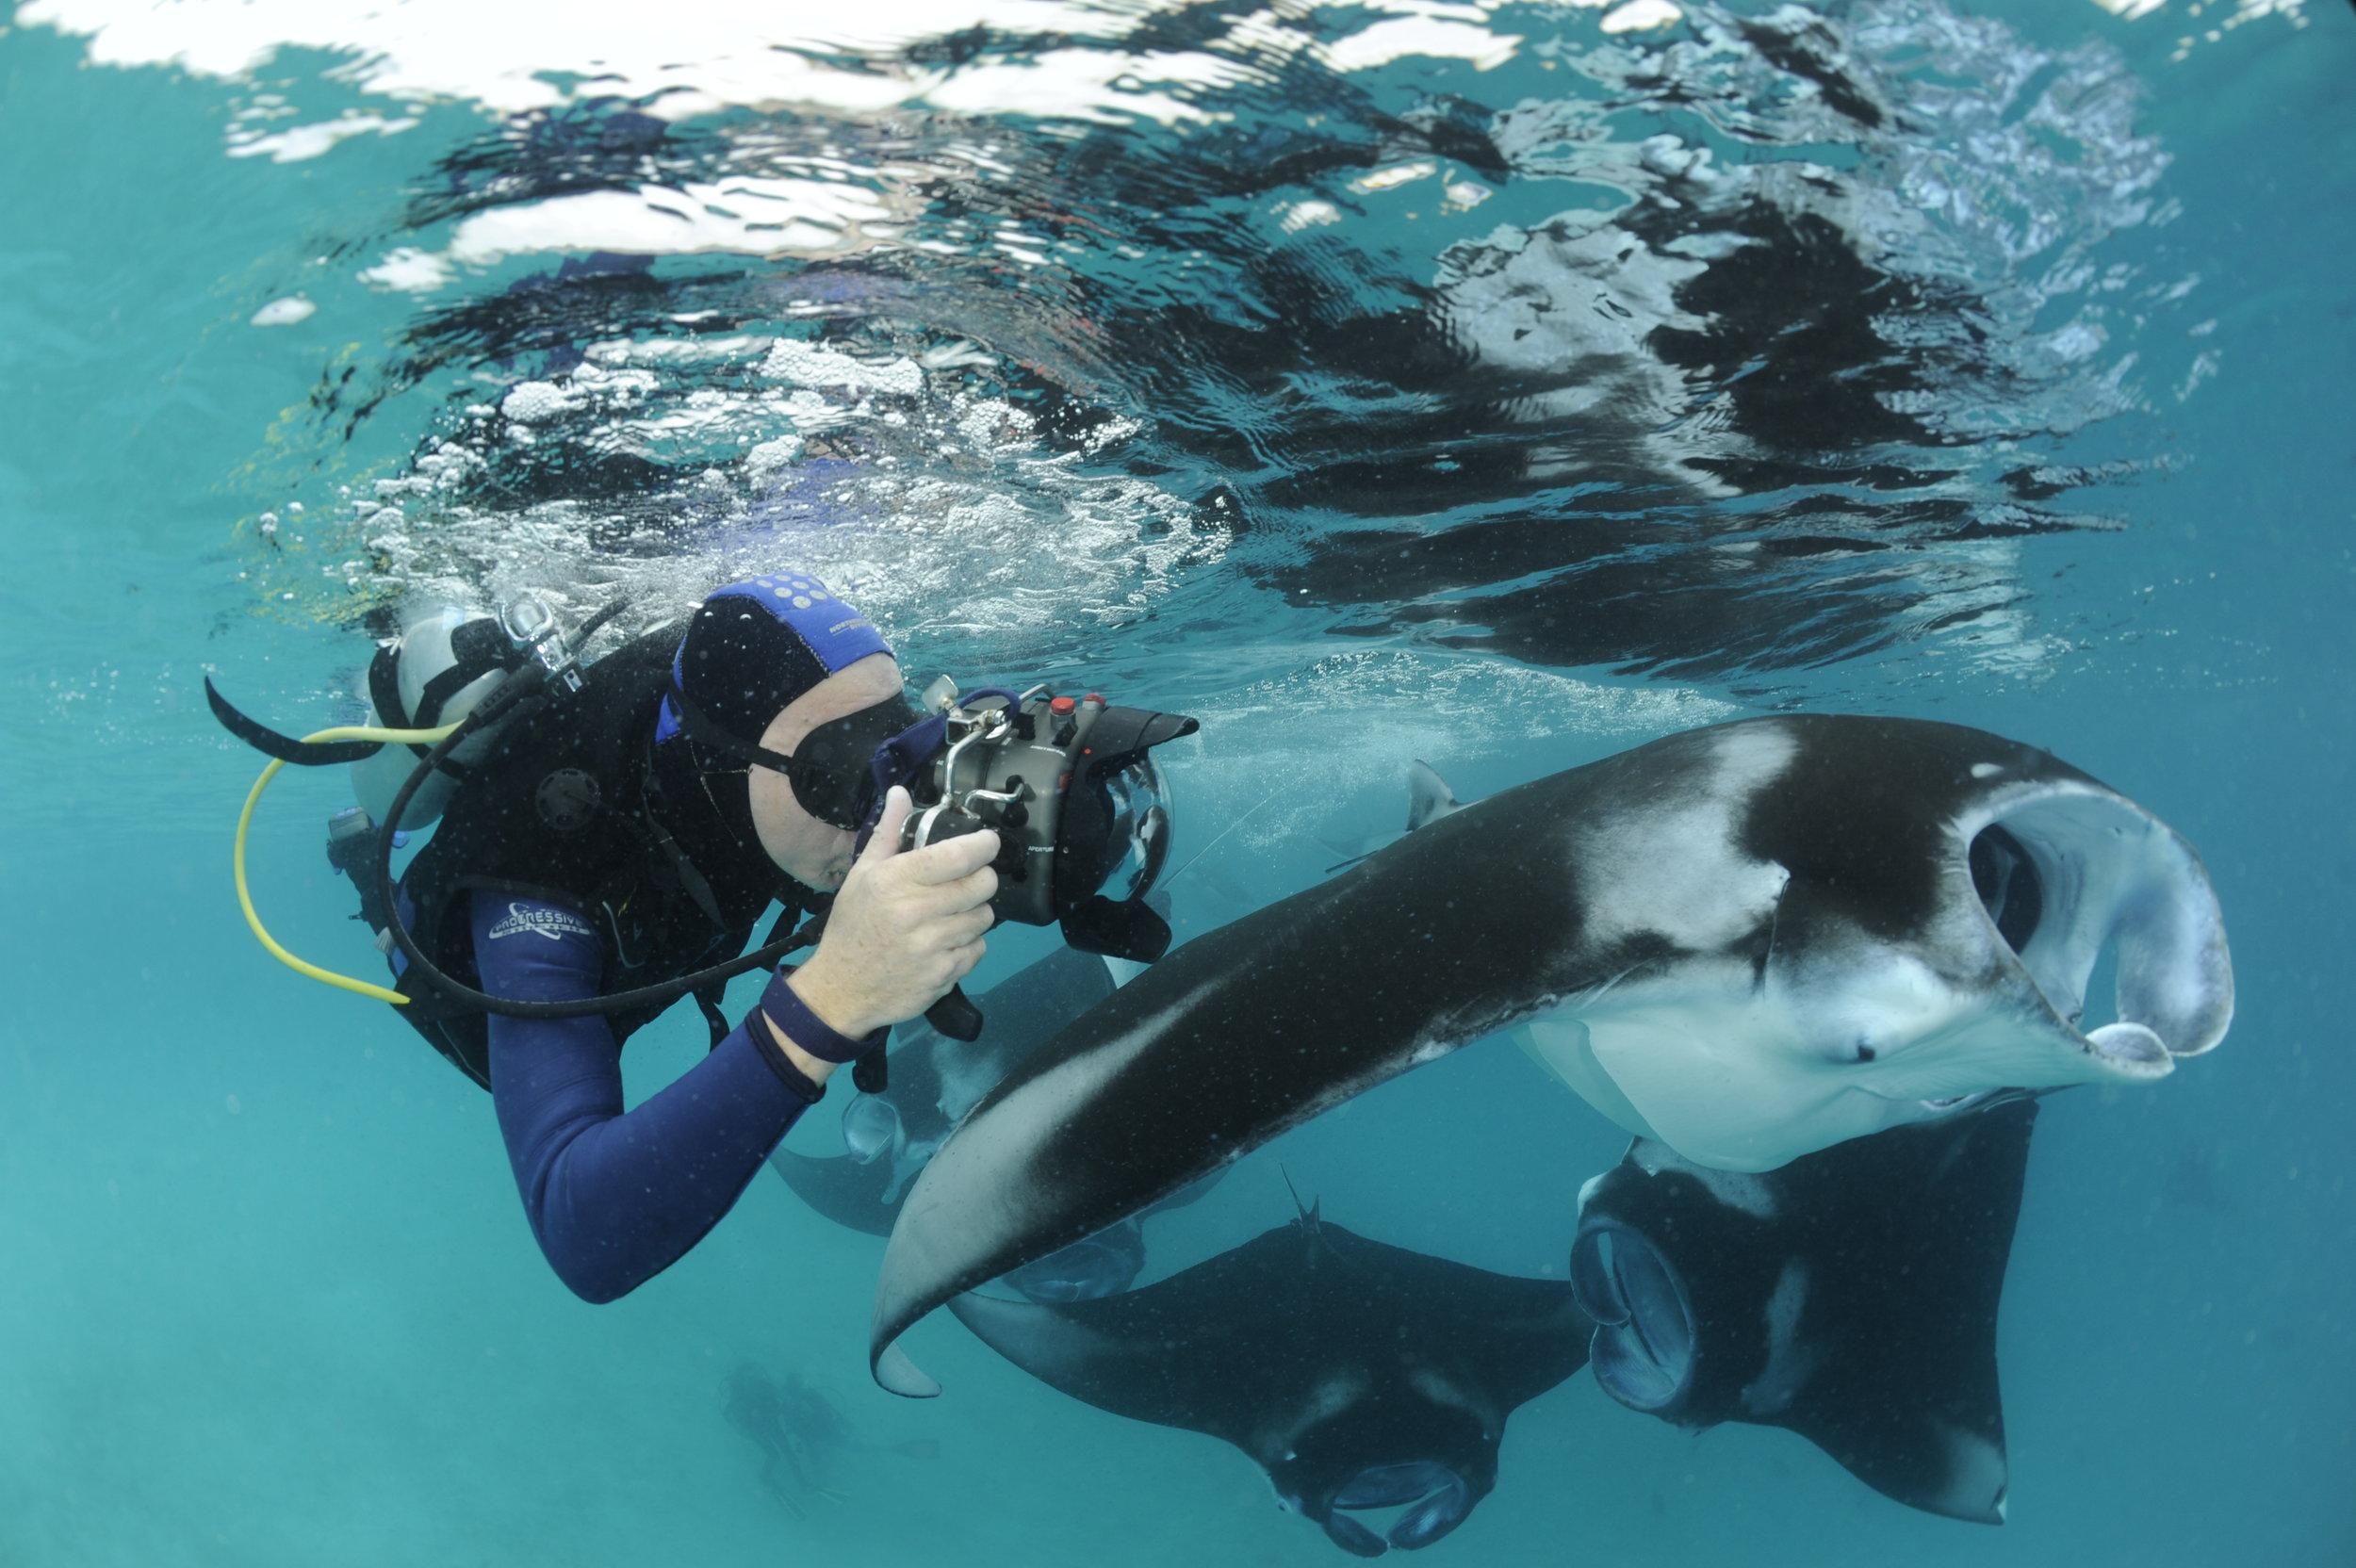 Manta Cameraman